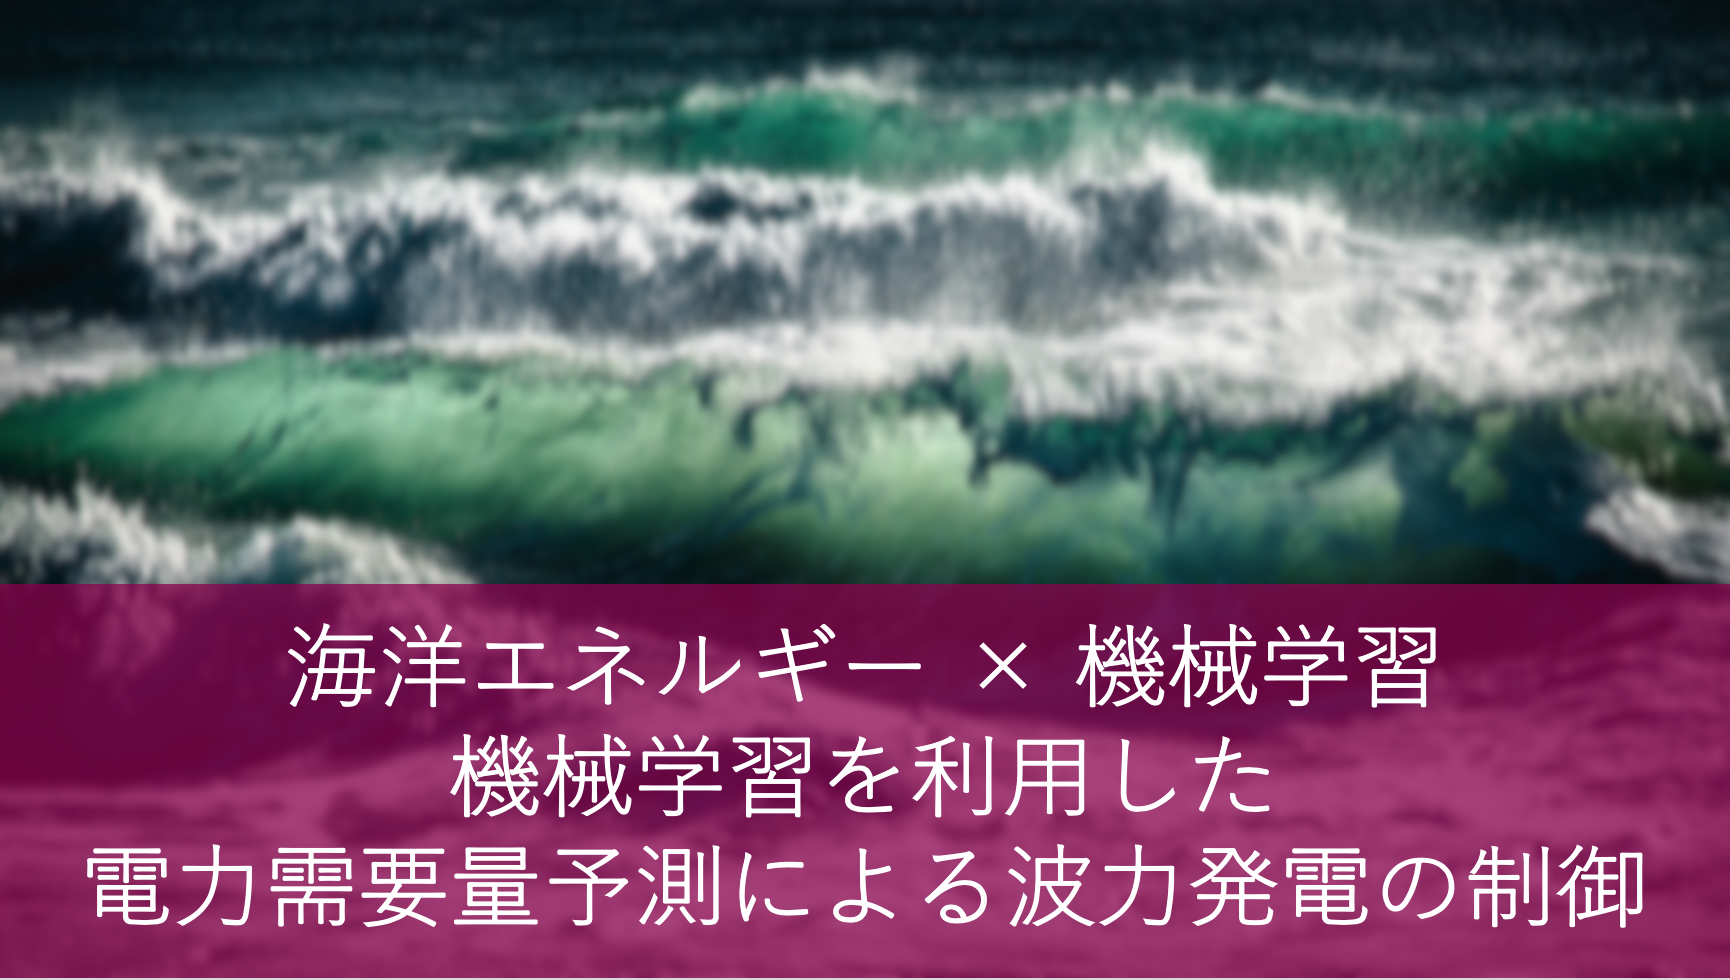 海洋エネルギー × 機械学習〜機械学習を利用した電力需要量予測による波力発電の制御〜